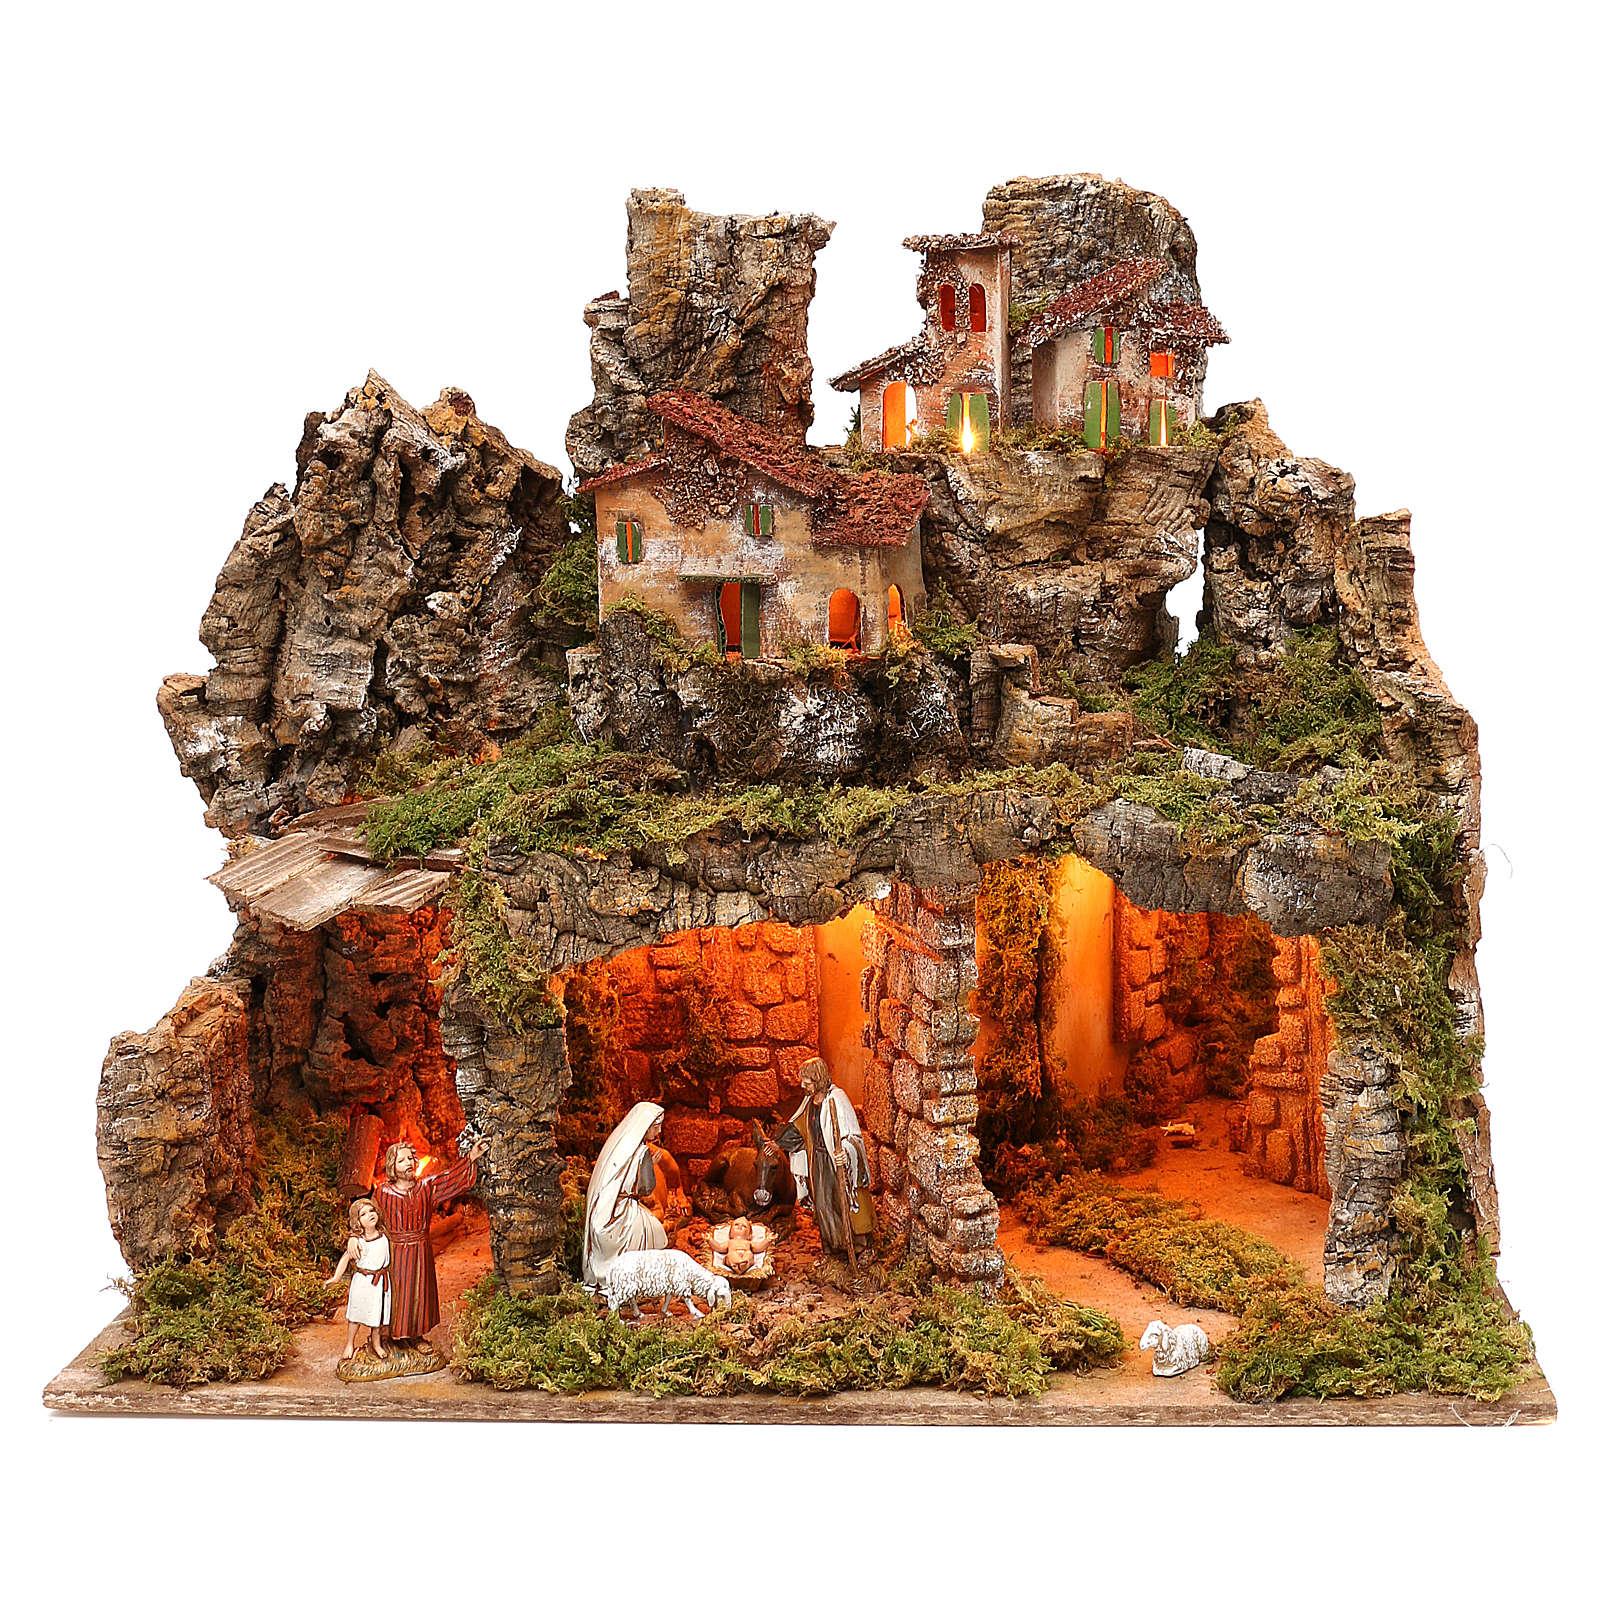 Bourgade avec nativité Moranduzzo et effet profondeur 50x60x30 cm 4